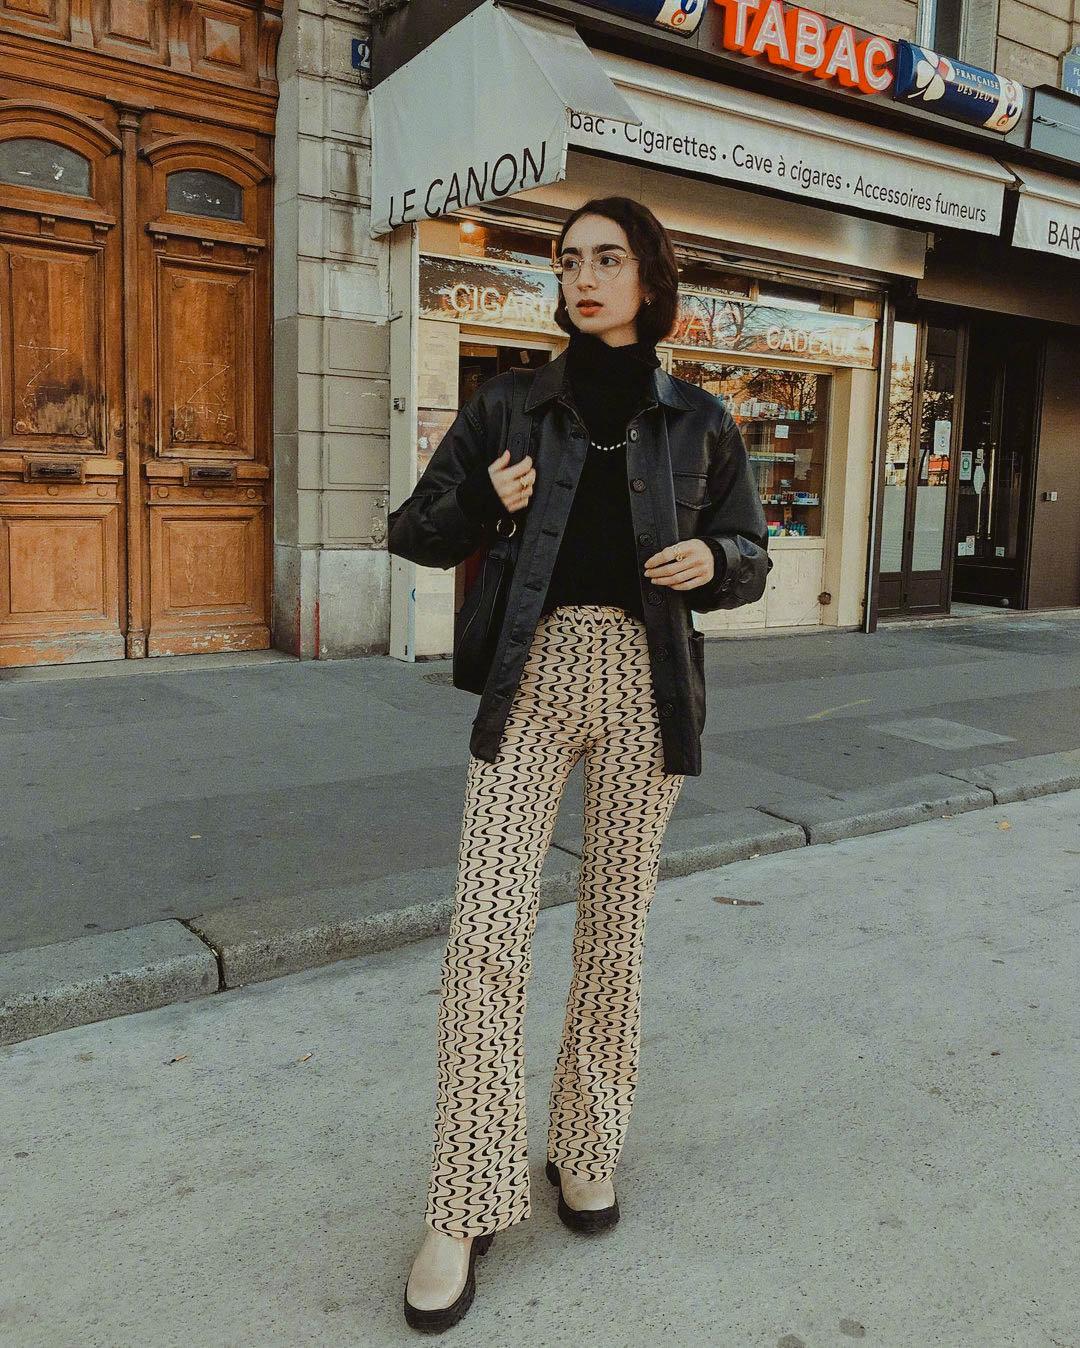 眼镜女生的日常私服,生活在巴黎的ins博主Pia Moubayed-itotii